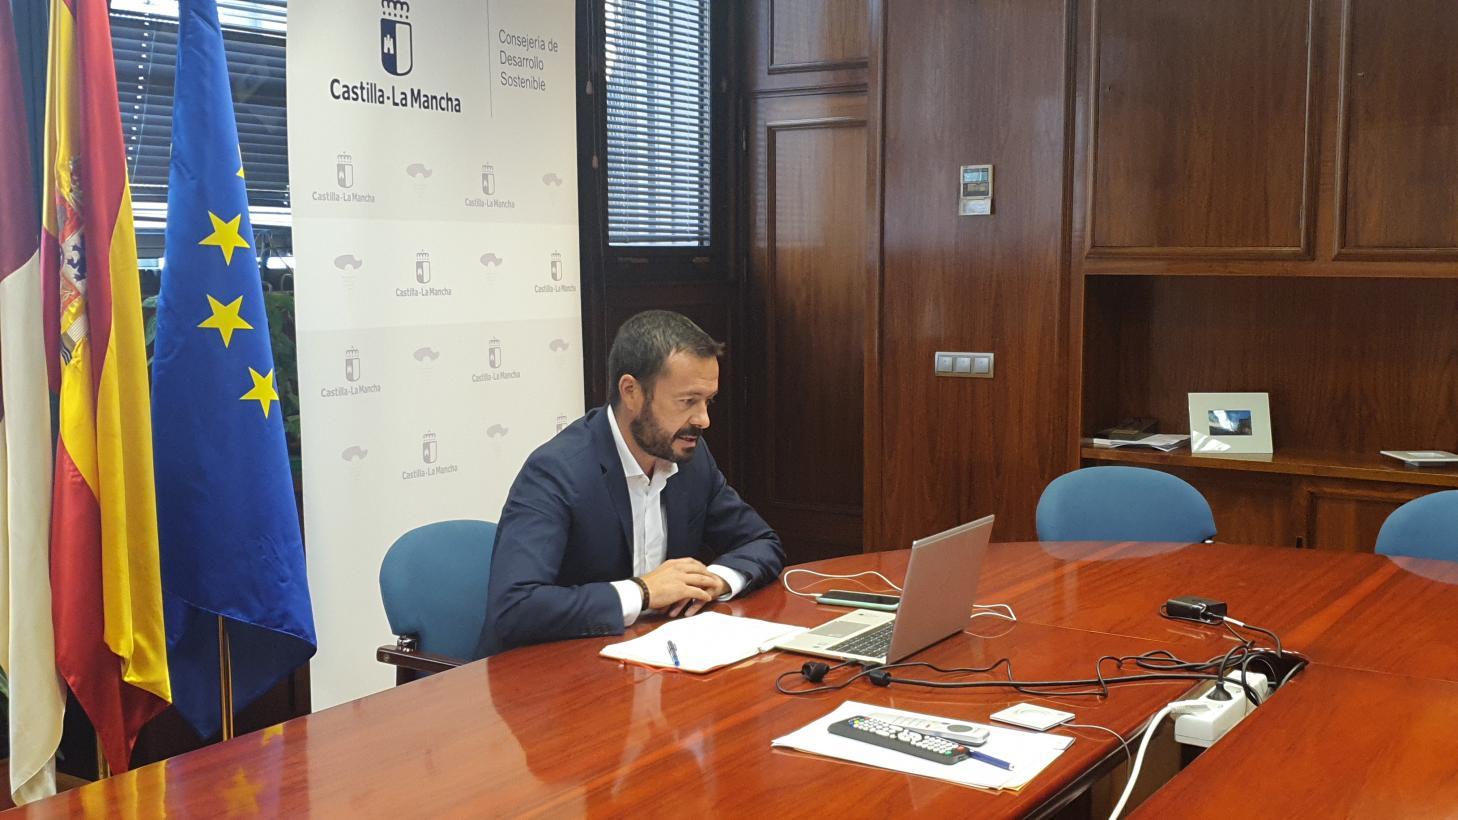 Castilla-La Mancha recibirá más de 96 millones de euros del Plan de Recuperación, Transformación y Resiliencia para impulsar actuaciones en materia de medio natural y biodiversidad